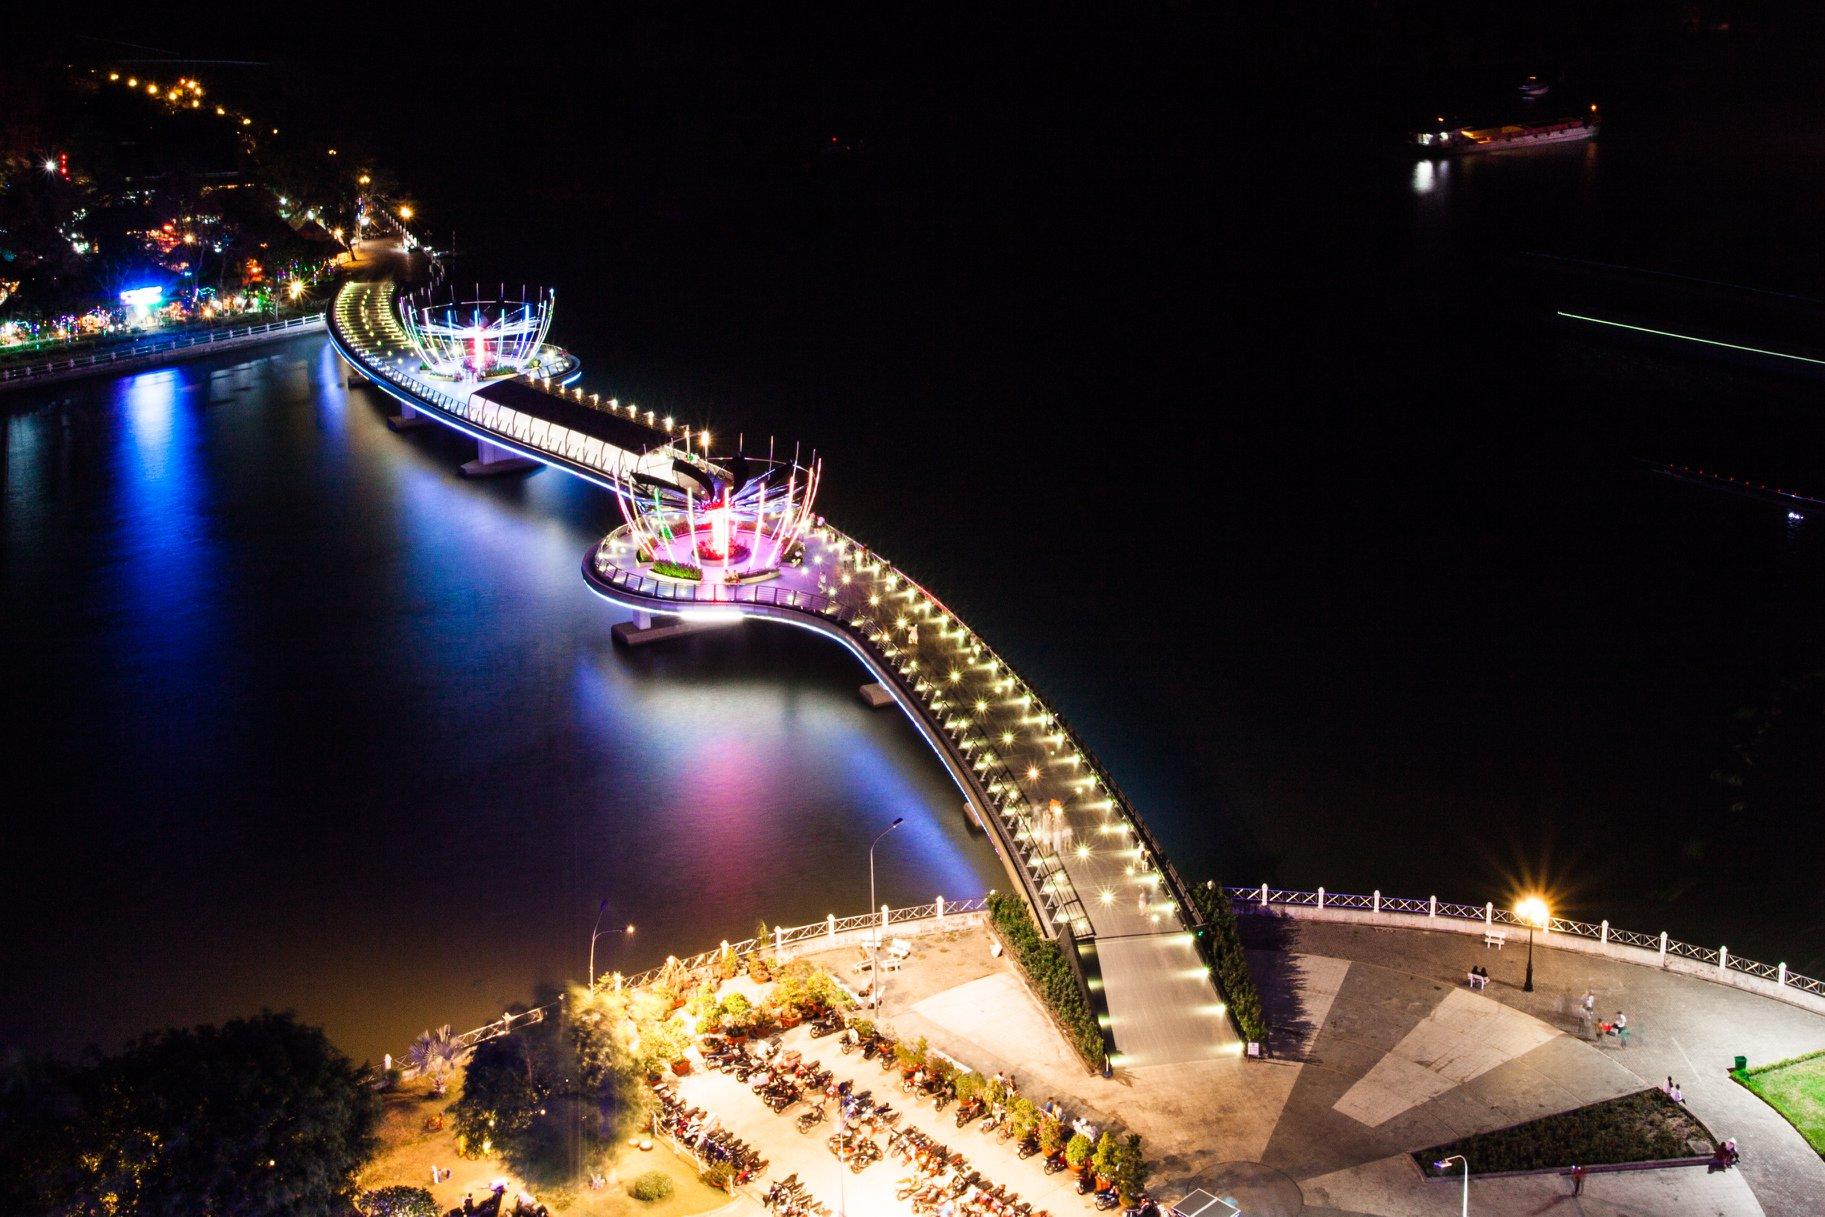 Cầu đi bộ Ninh Kiều Cần Thơ - Cầu đi bộ đầu tiên của Miền Tây